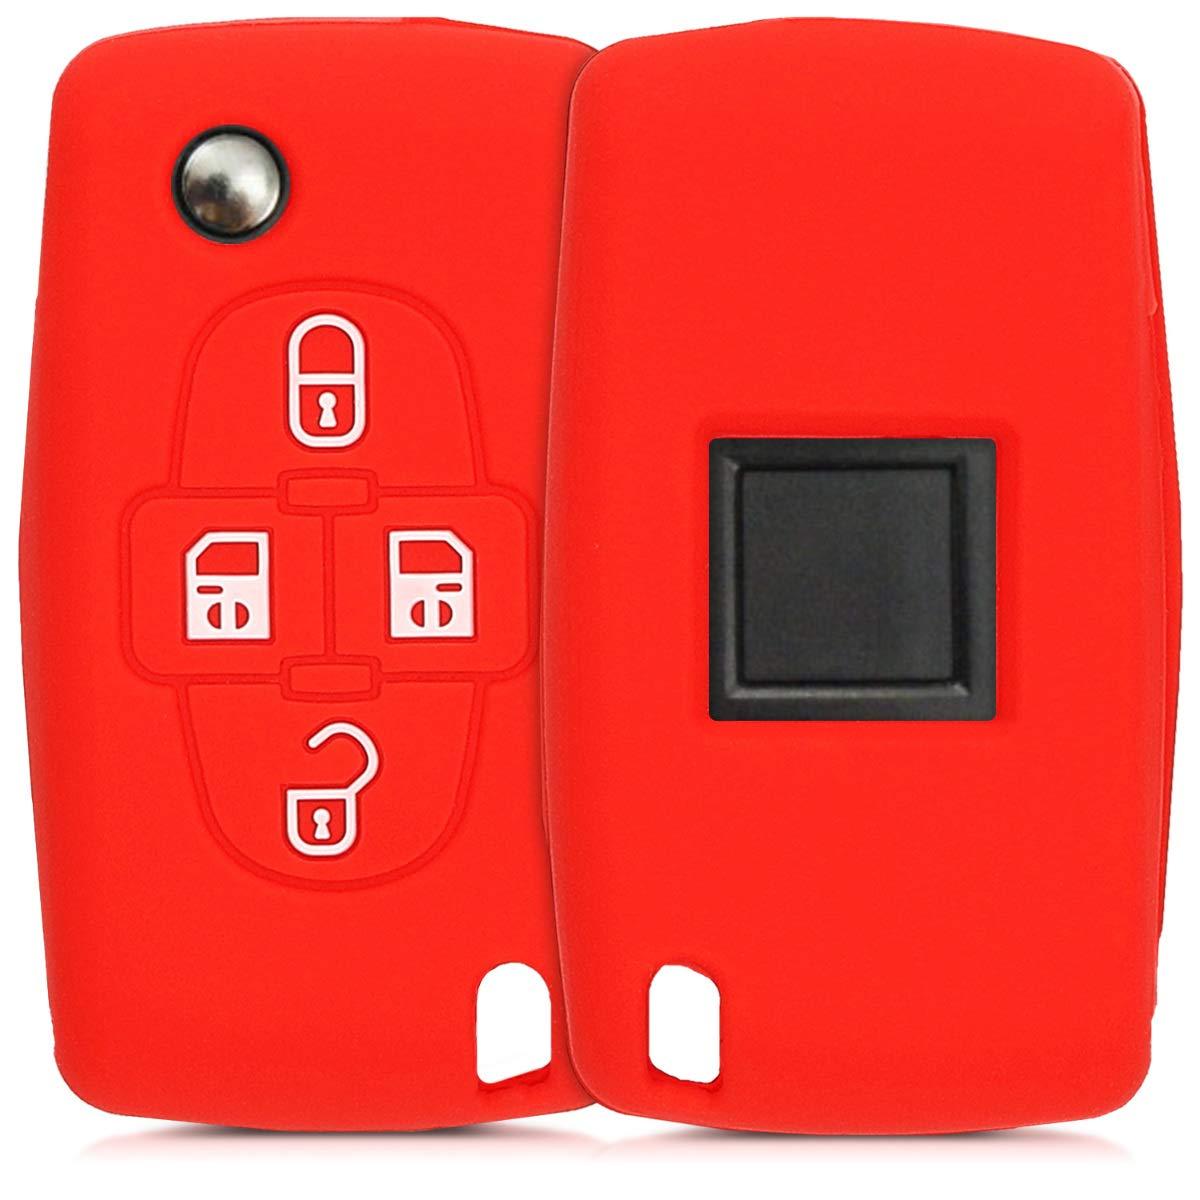 kwmobile Funda de Silicona para Llave de 4 Botones para Coche Peugeot Citroen - Carcasa Protectora Suave de Silicona - Case Mando de Auto Rojo